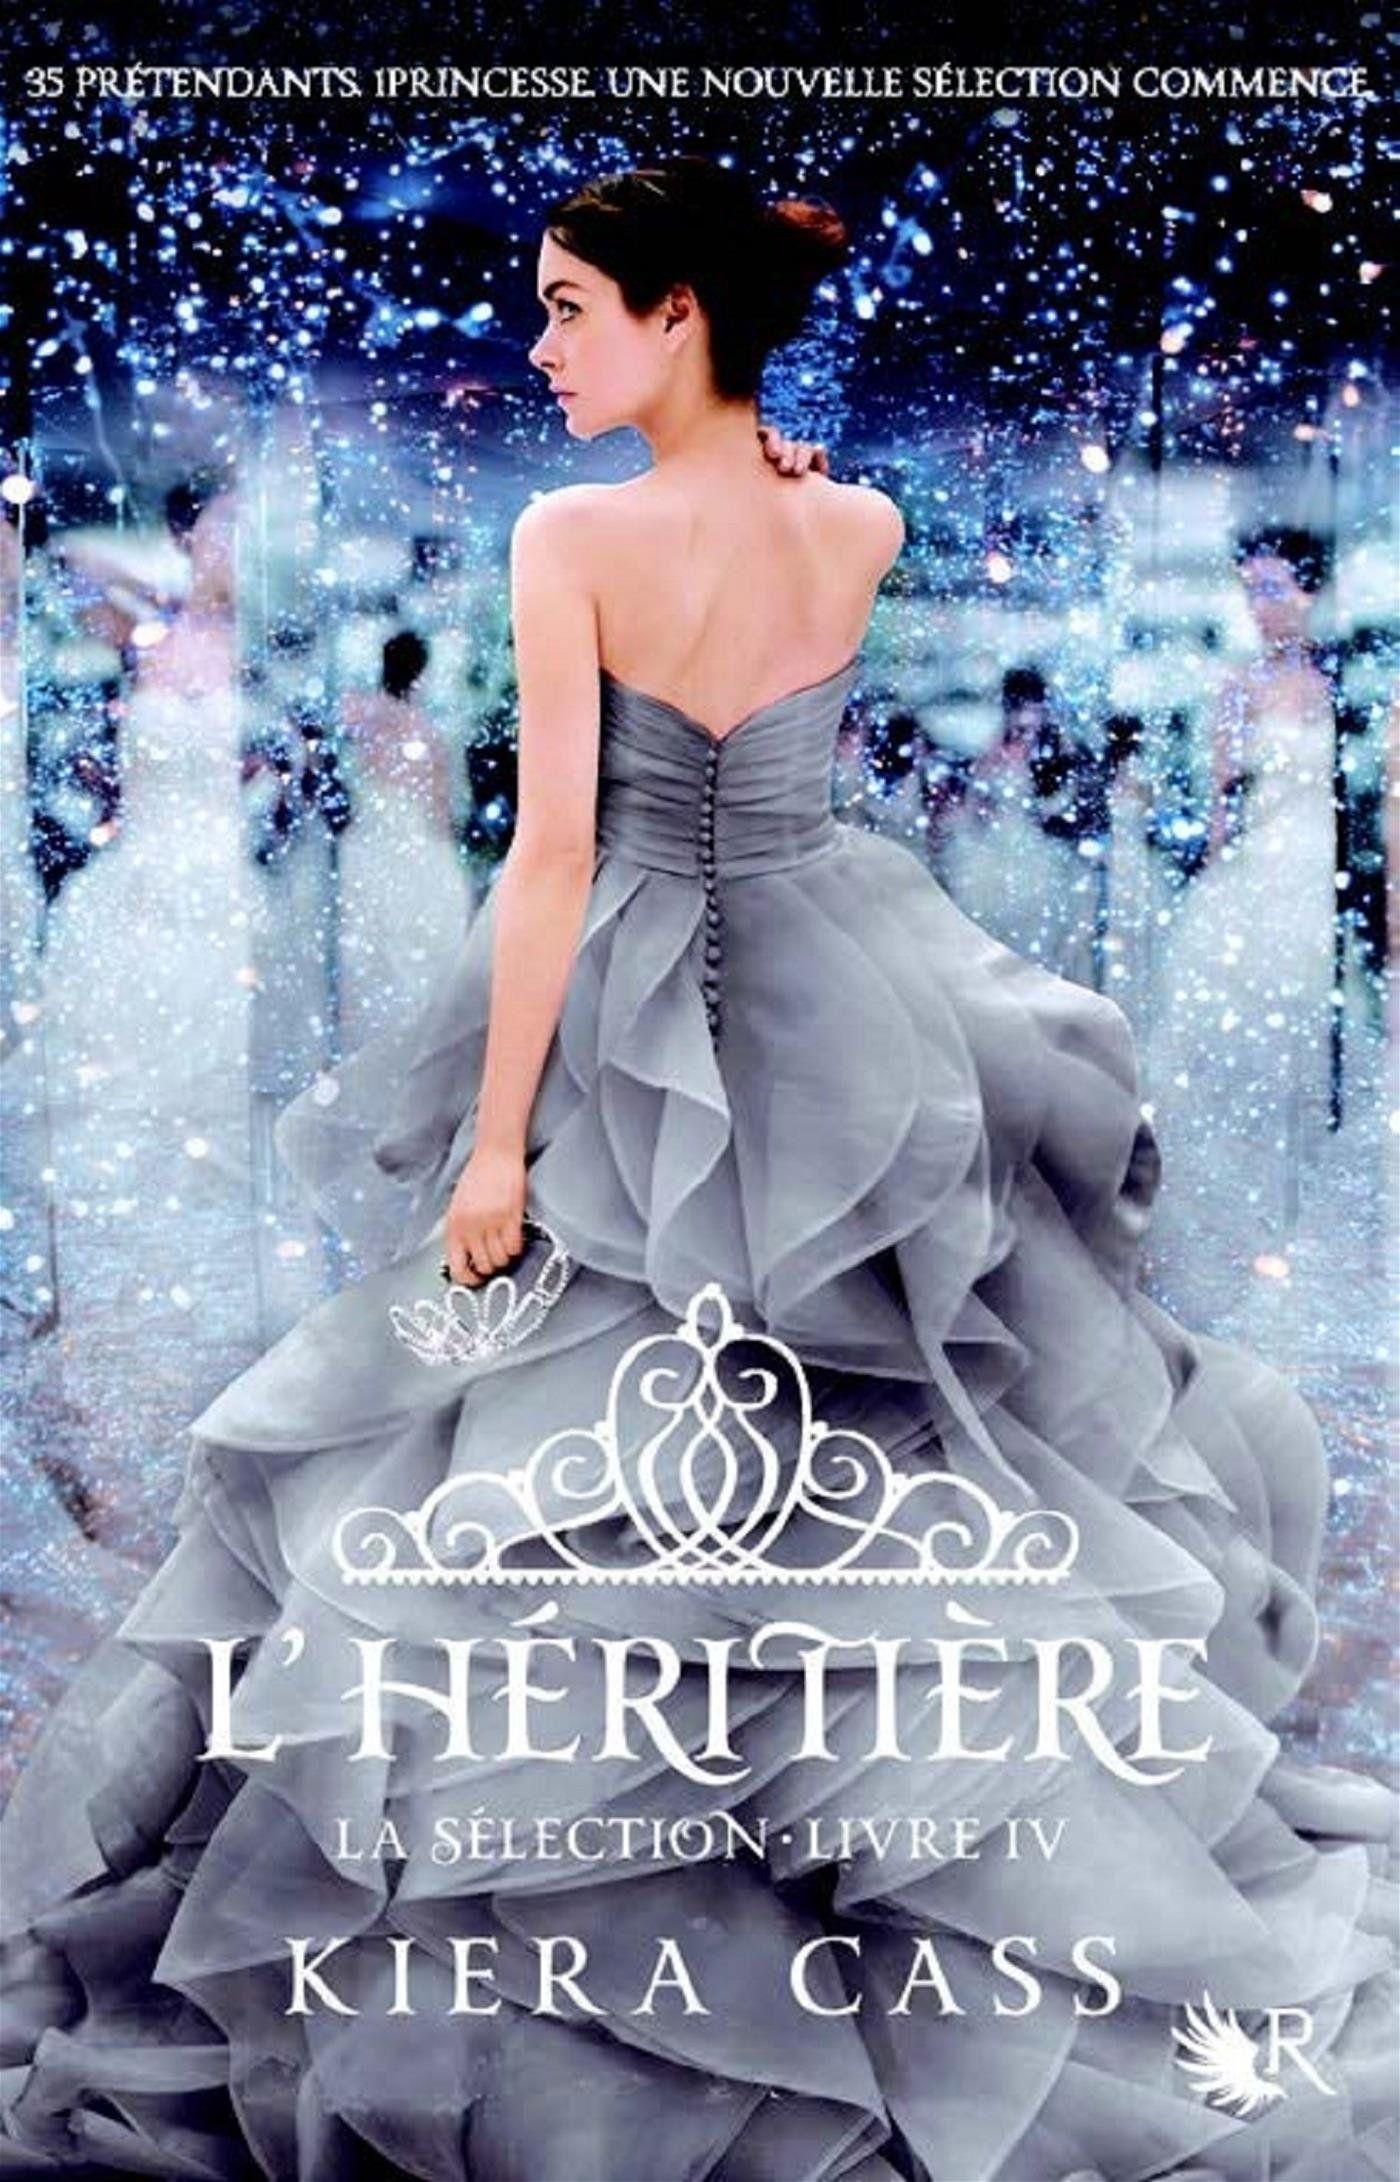 La Selection Tome 4 L Heritiere De Kiera Cass Une Heroine